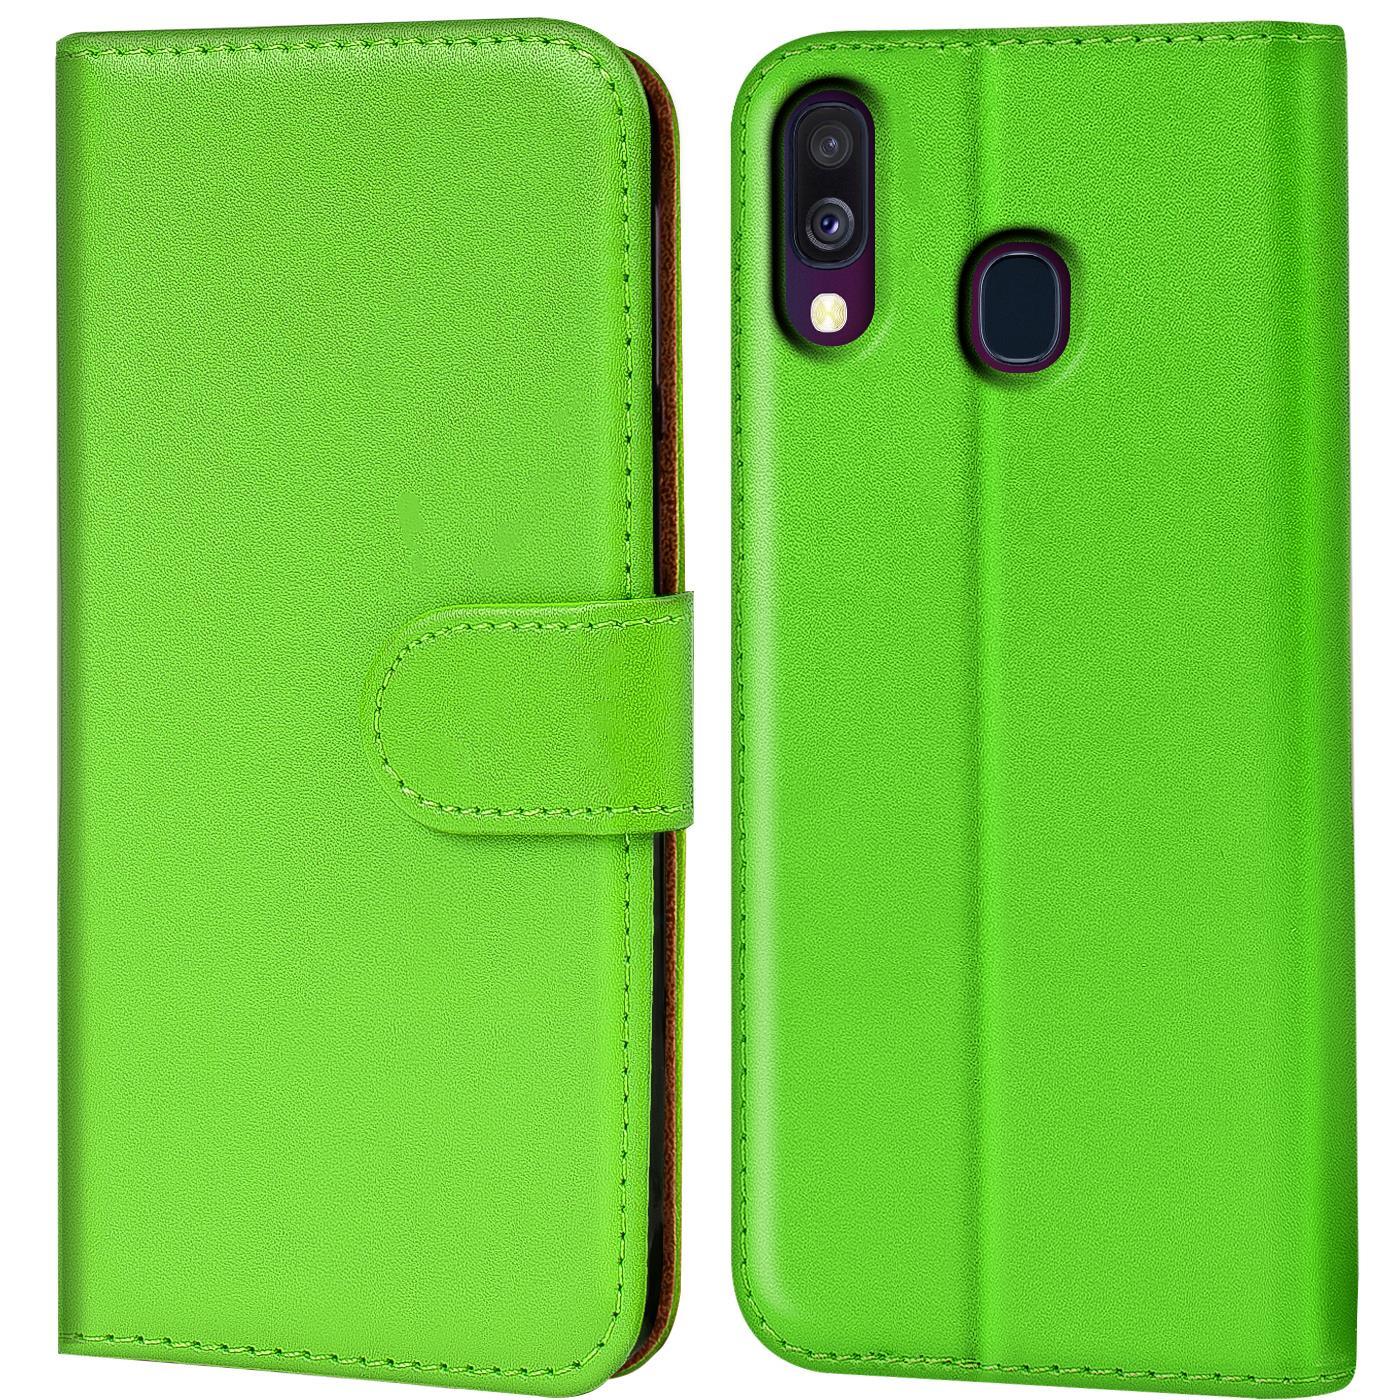 Schutz-Huelle-Samsung-Galaxy-A40-Handy-Klapp-Tasche-Book-Flip-Case-Schutzhuelle Indexbild 12